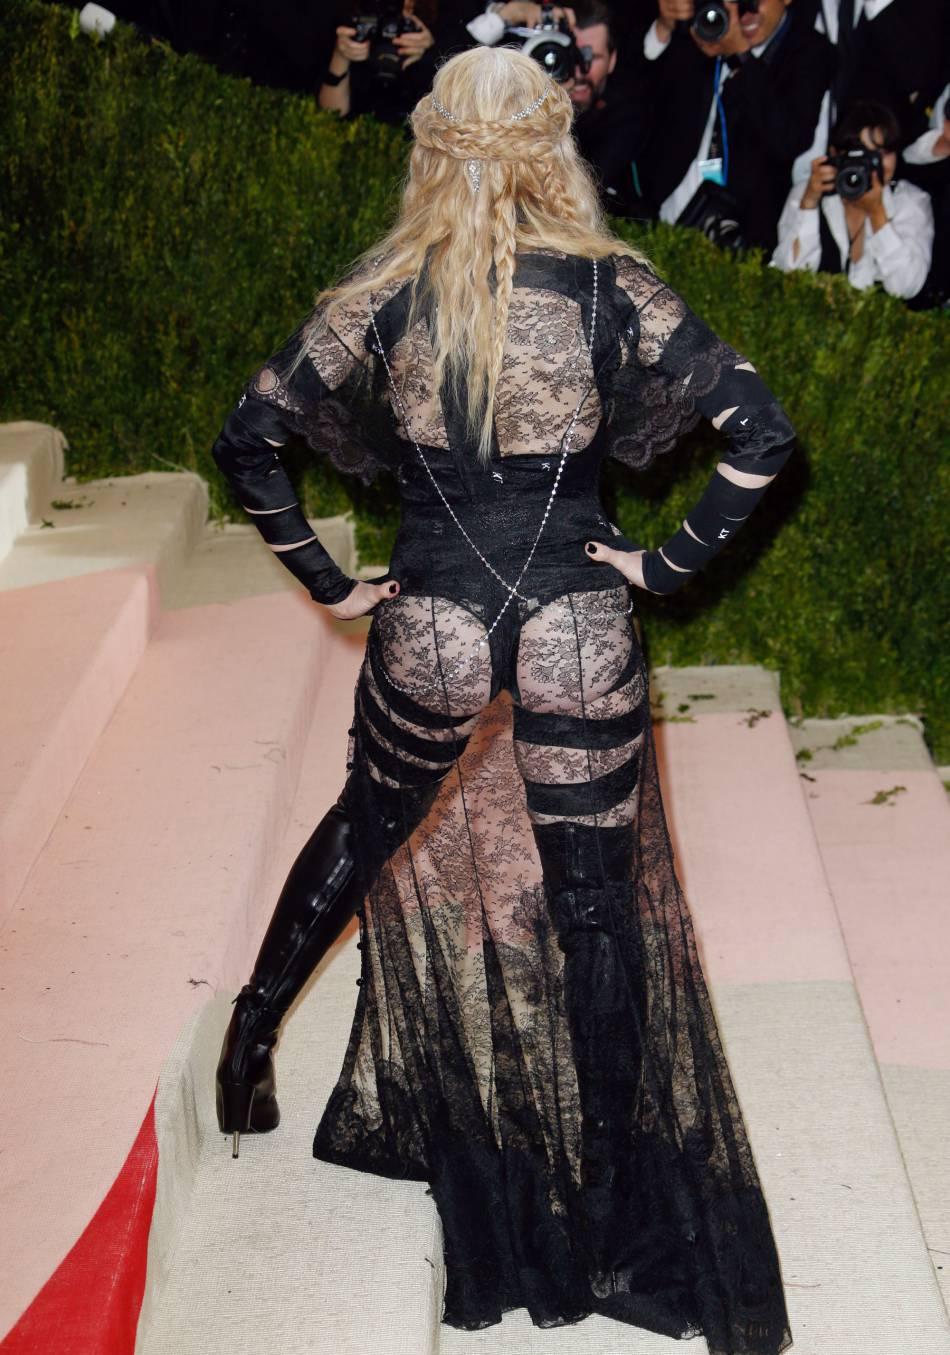 Madonna affiche ses fesses dans une tenue signé Givenchy.